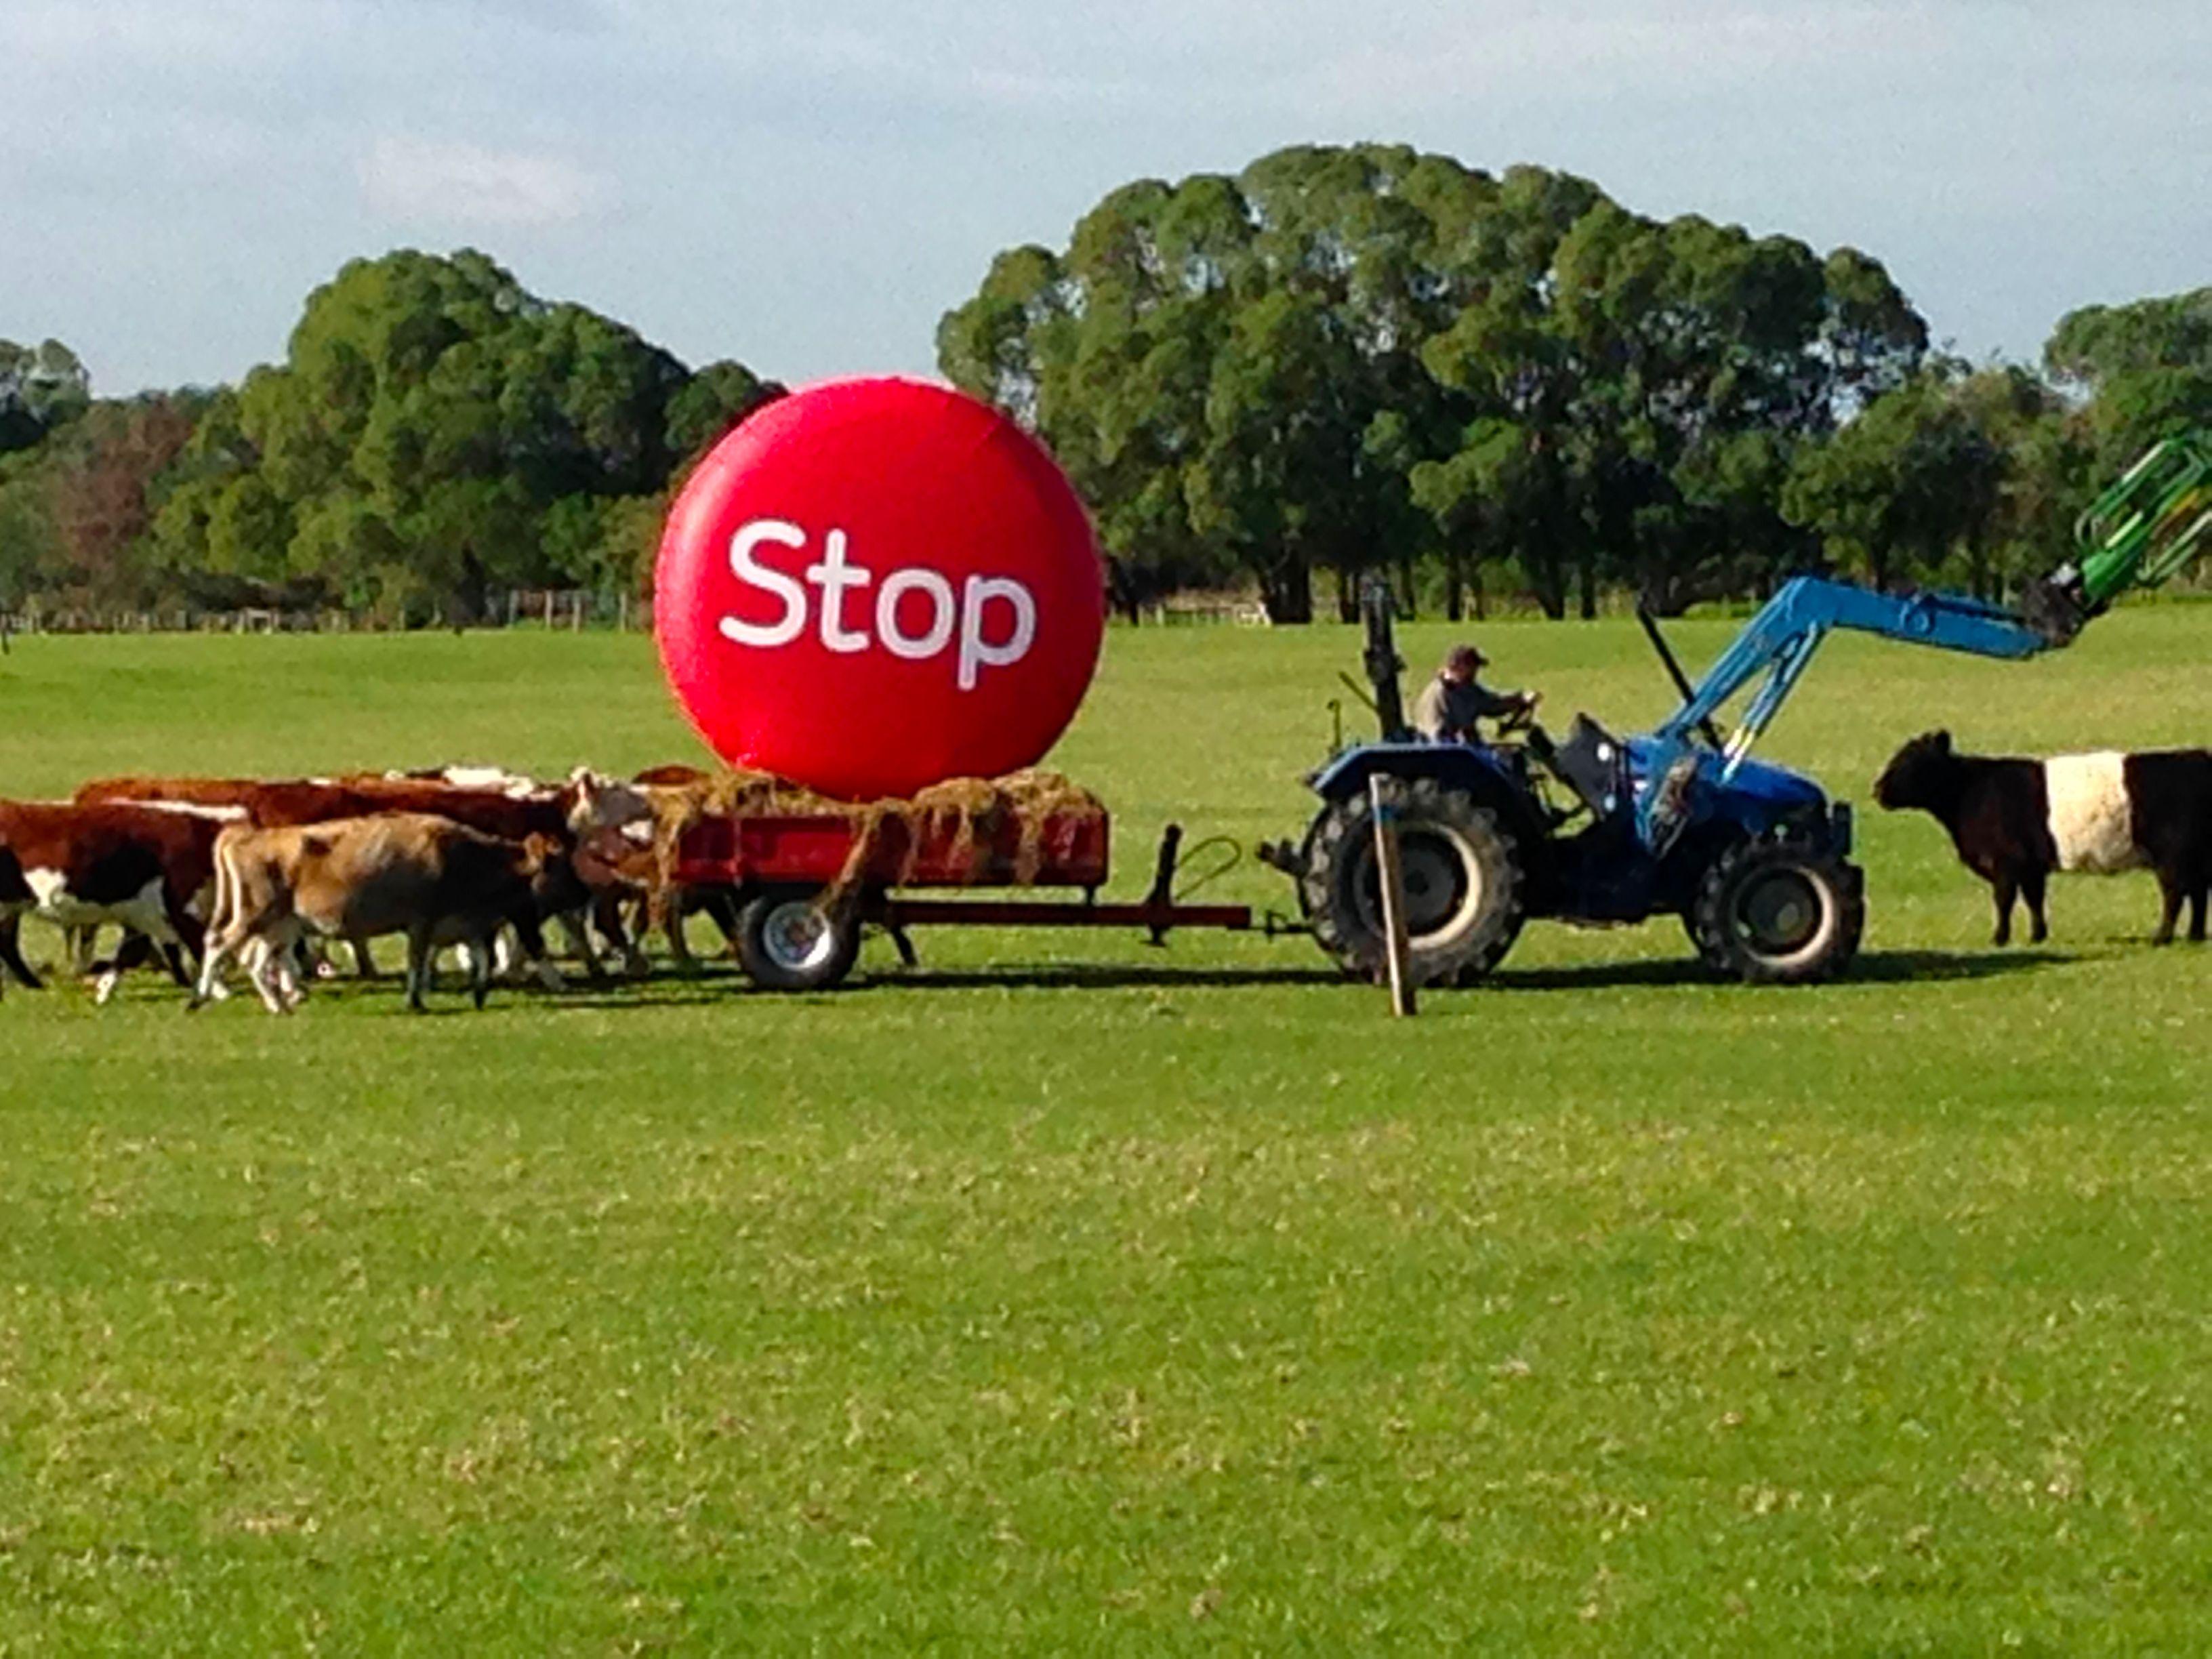 Get ready to STOP! www.stoptobernz.co.nz